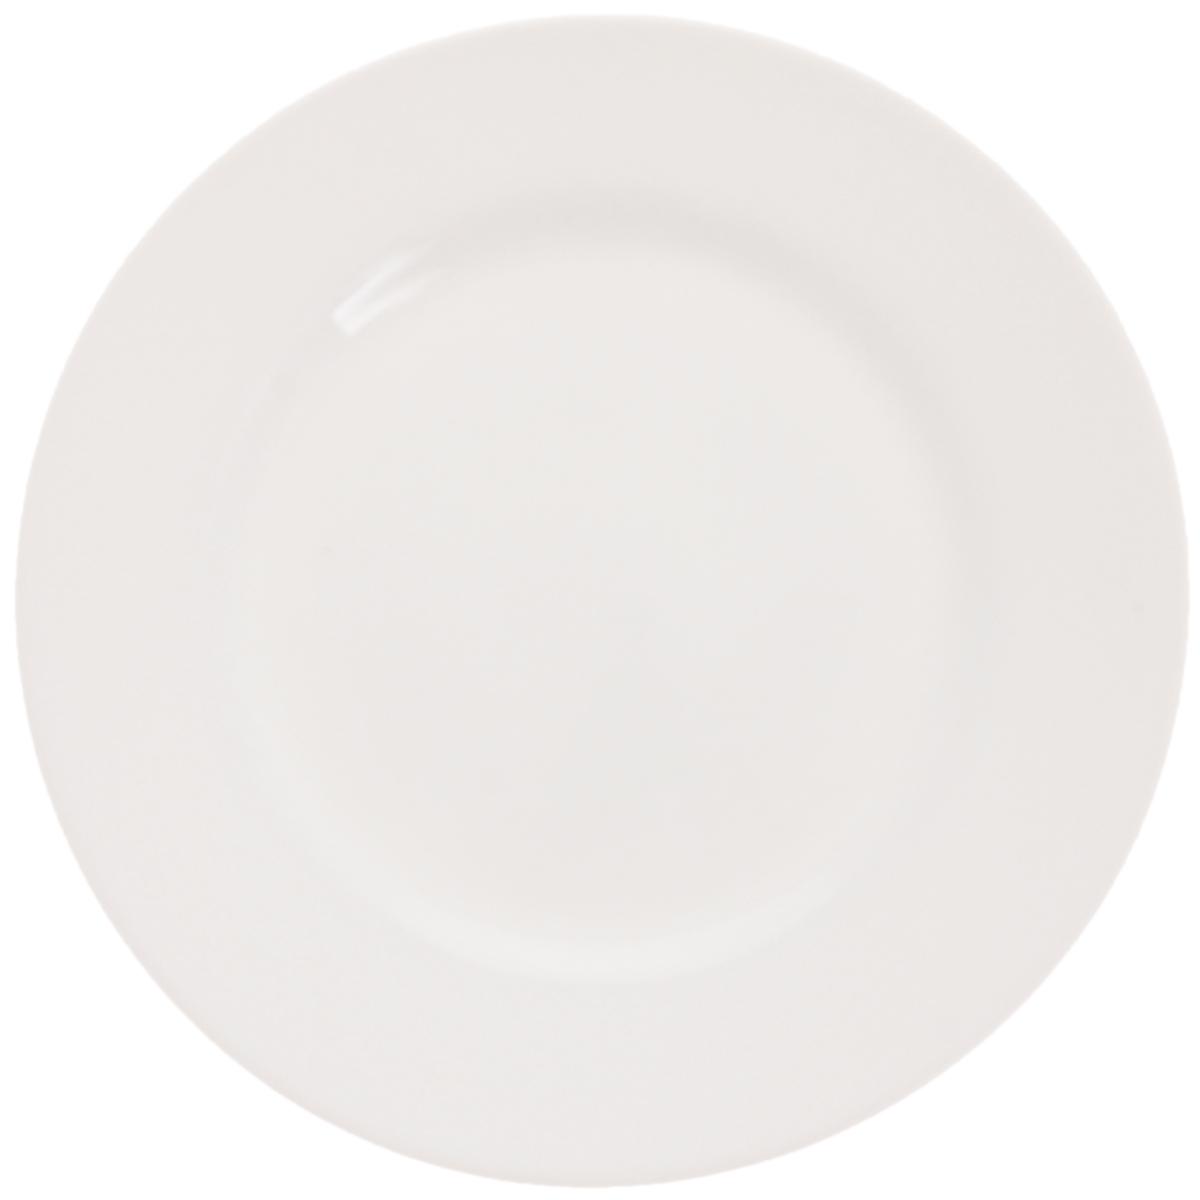 Тарелка десертная Luminarc Everyday, диаметр 19 см115510Десертная тарелка Luminarc Everyday выполнена из ударопрочного стекла. Дизайн придется по вкусу и ценителям классики, и тем, кто предпочитает утонченность и изысканность. Изделие идеально подойдет для сервировки стола и станет отличным подарком к любому празднику.Можно использовать в СВЧ-печи и мыть в посудомоечной машине. Диаметр (по верхнему краю): 19 см.